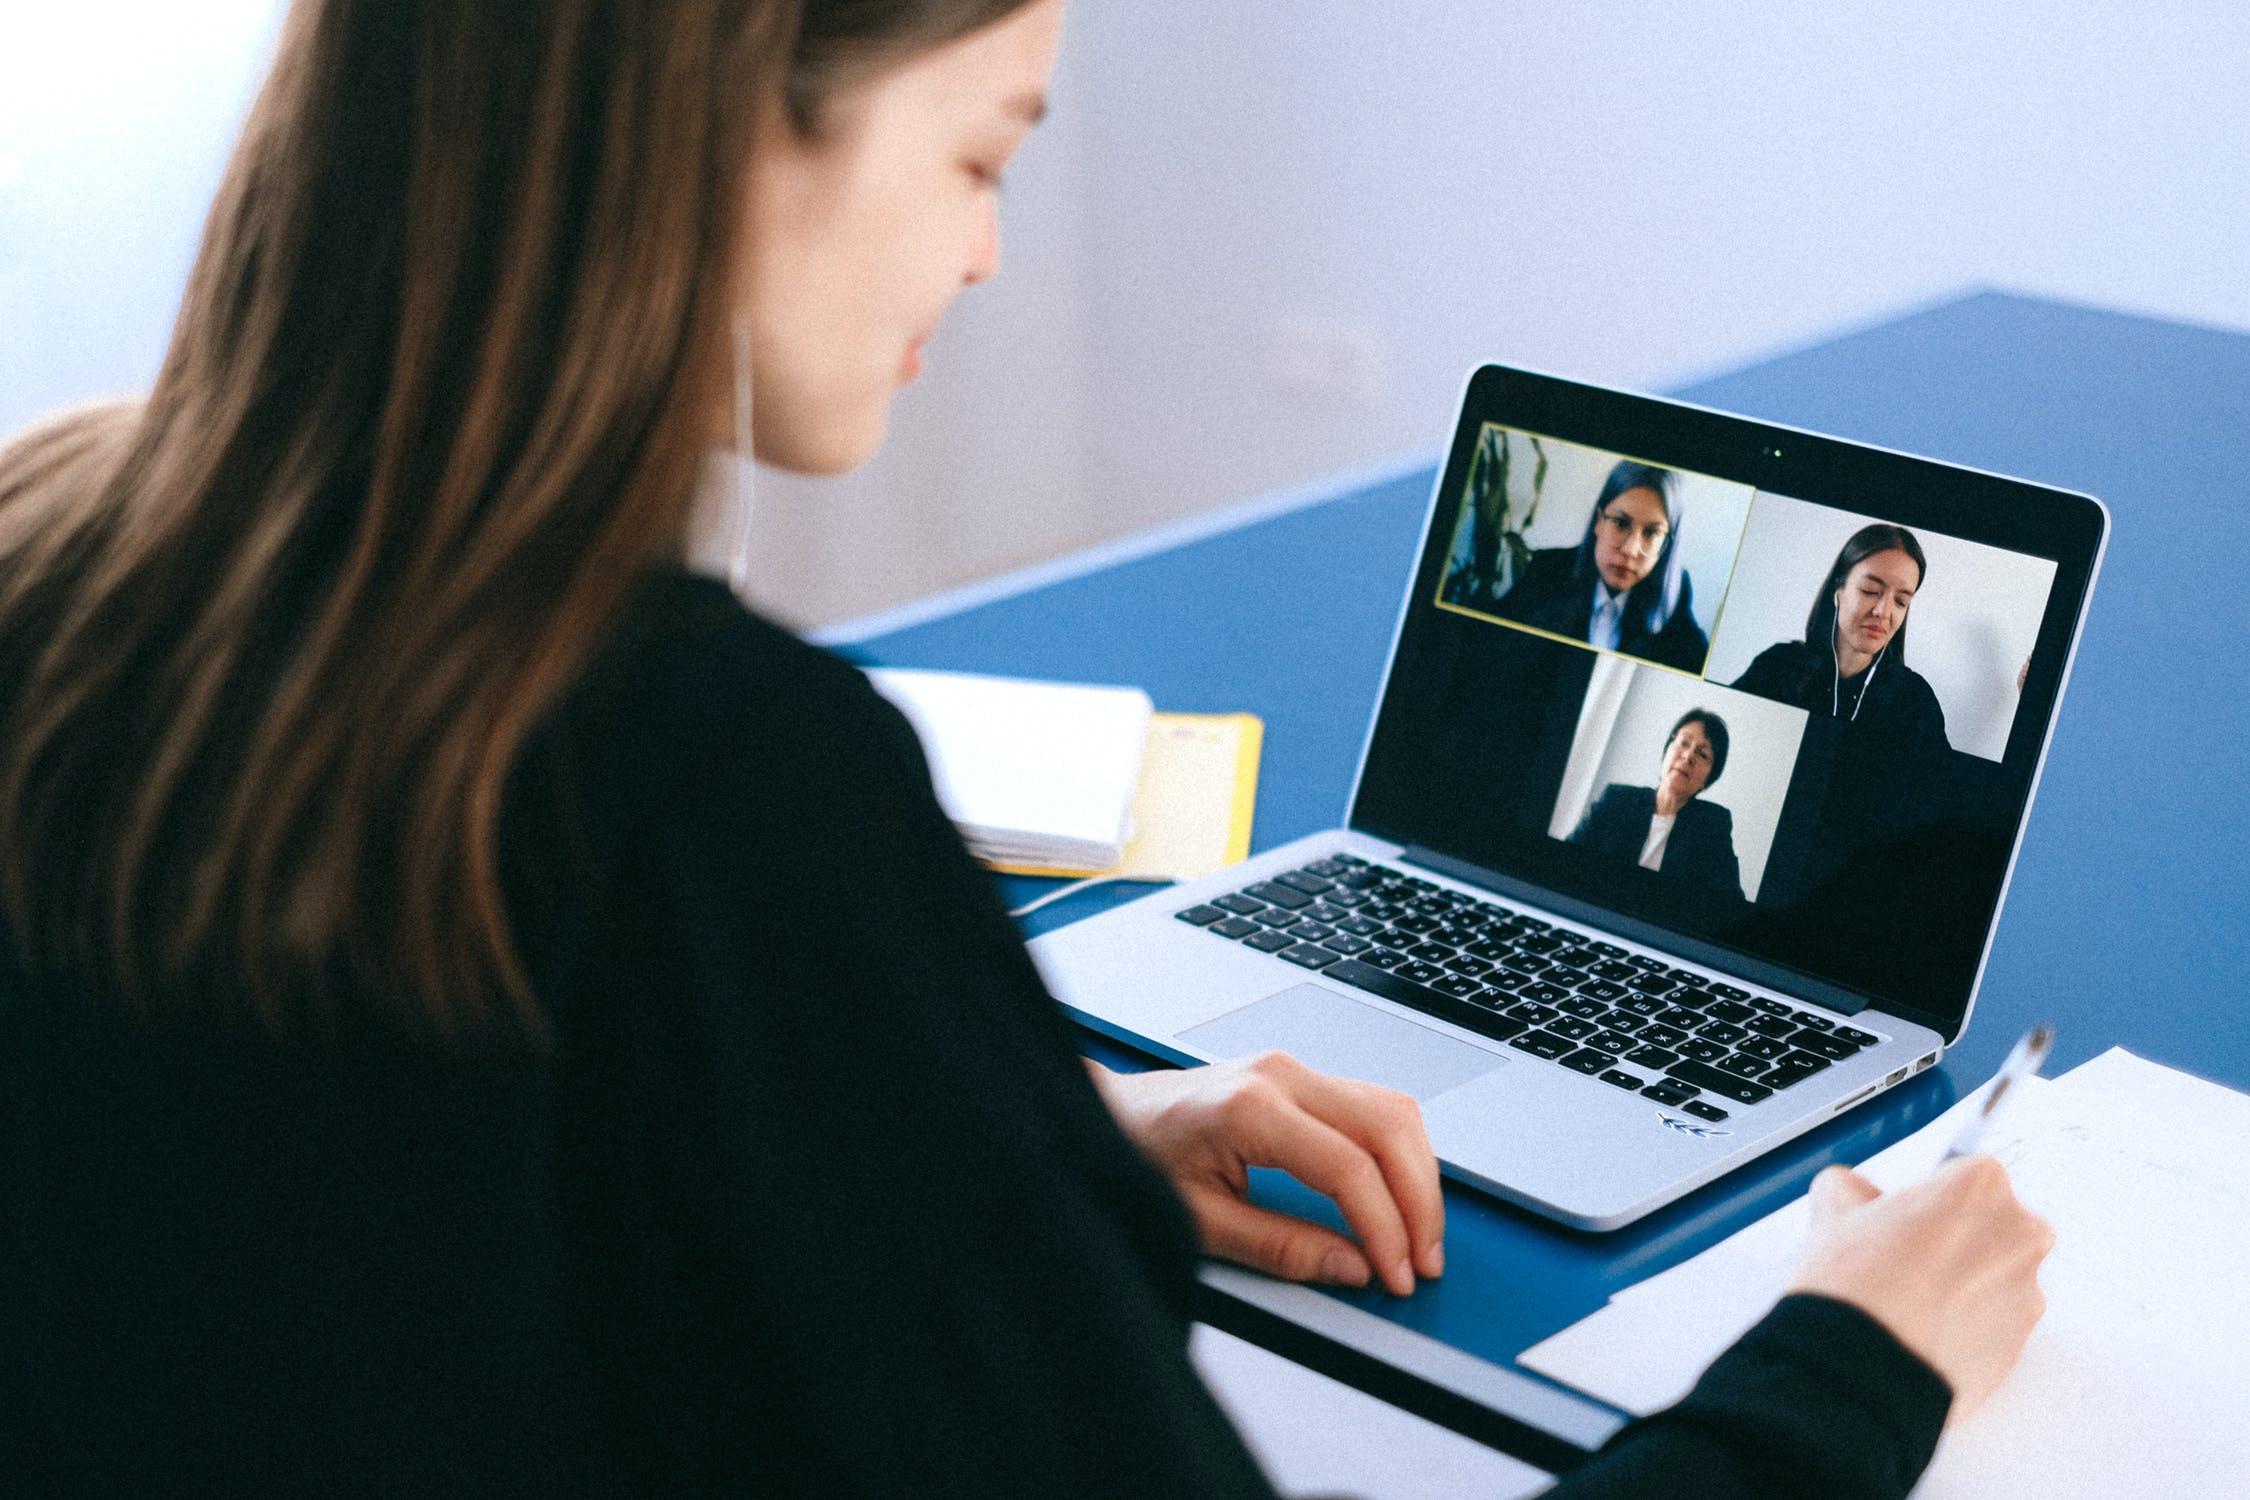 Effective virtual meetings